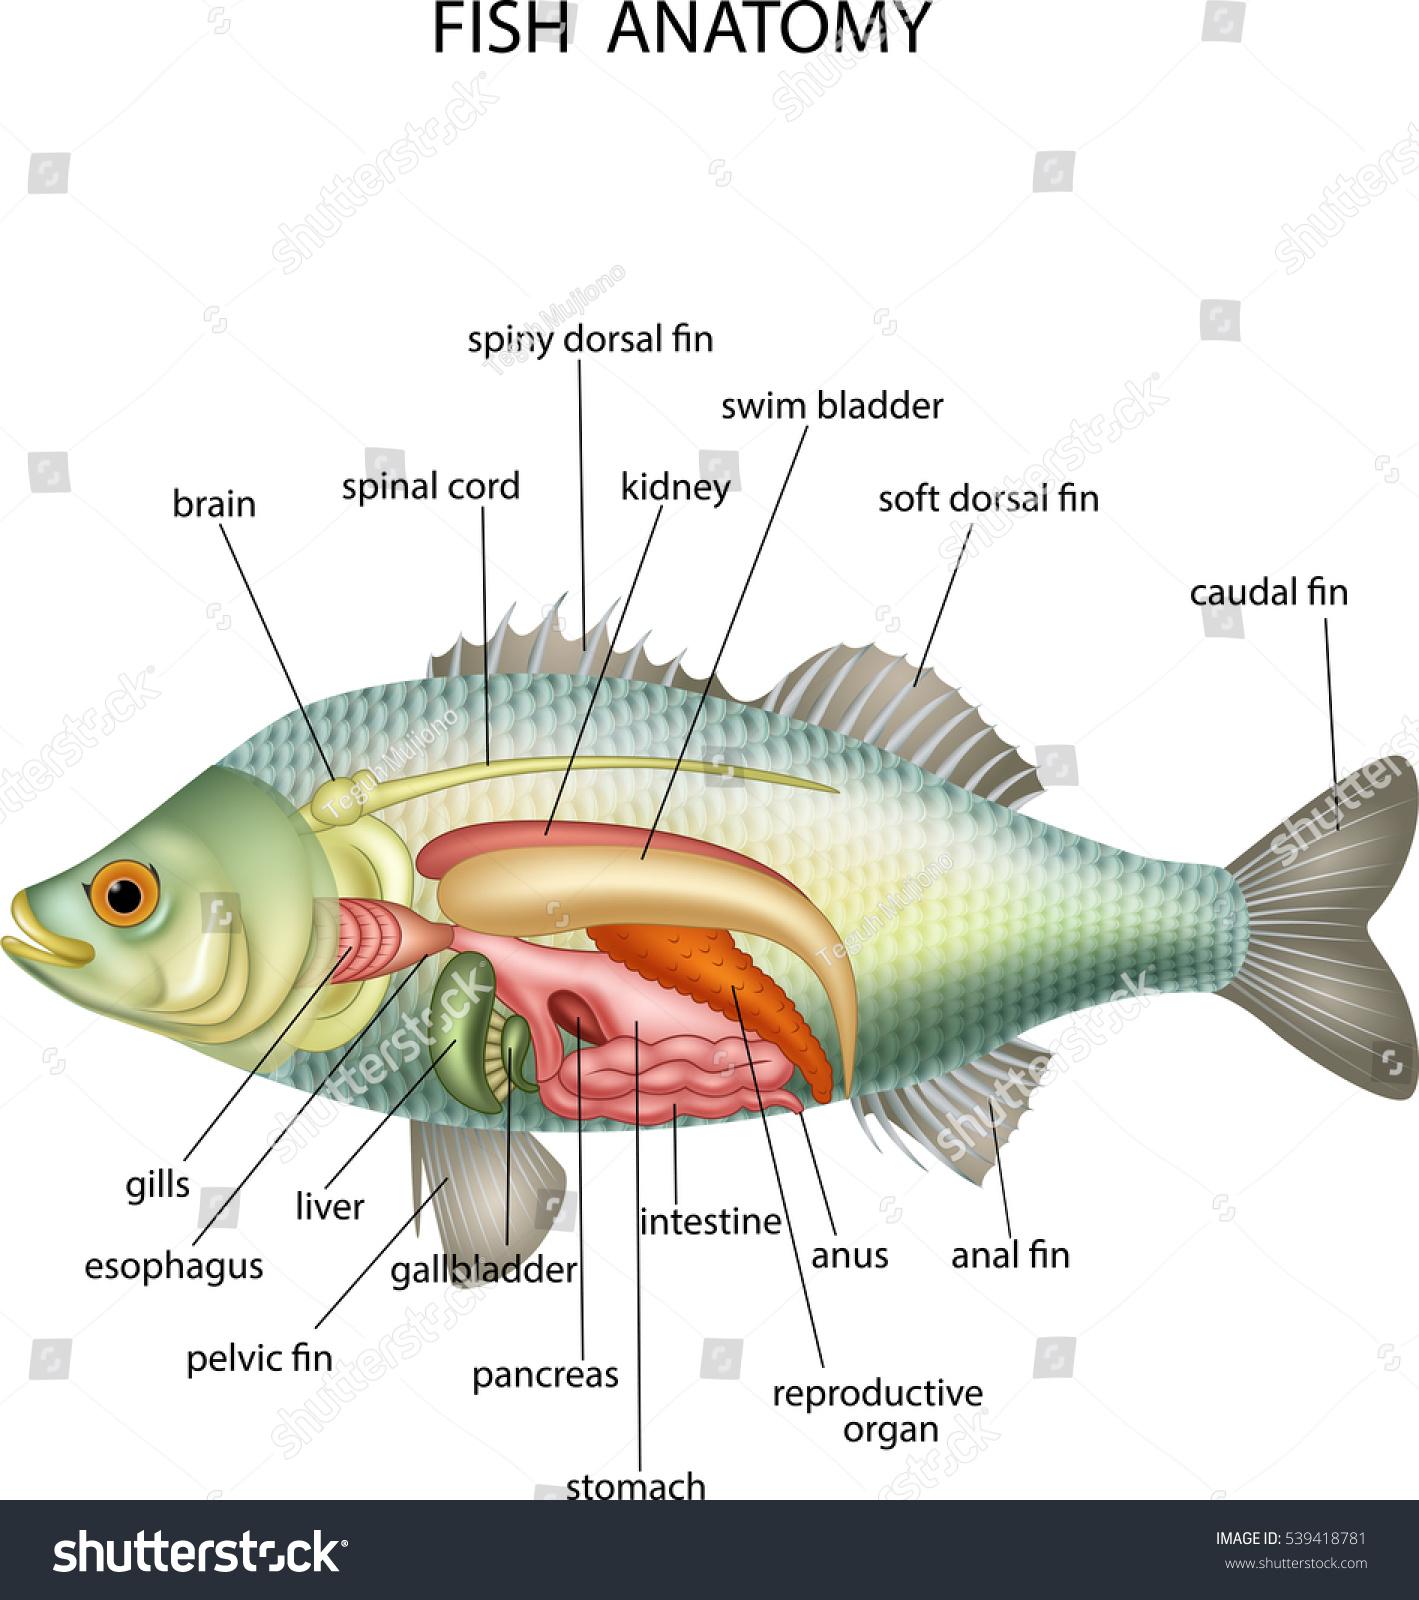 Royalty-free Anatomy of fish #539418781 Stock Photo   Avopix.com